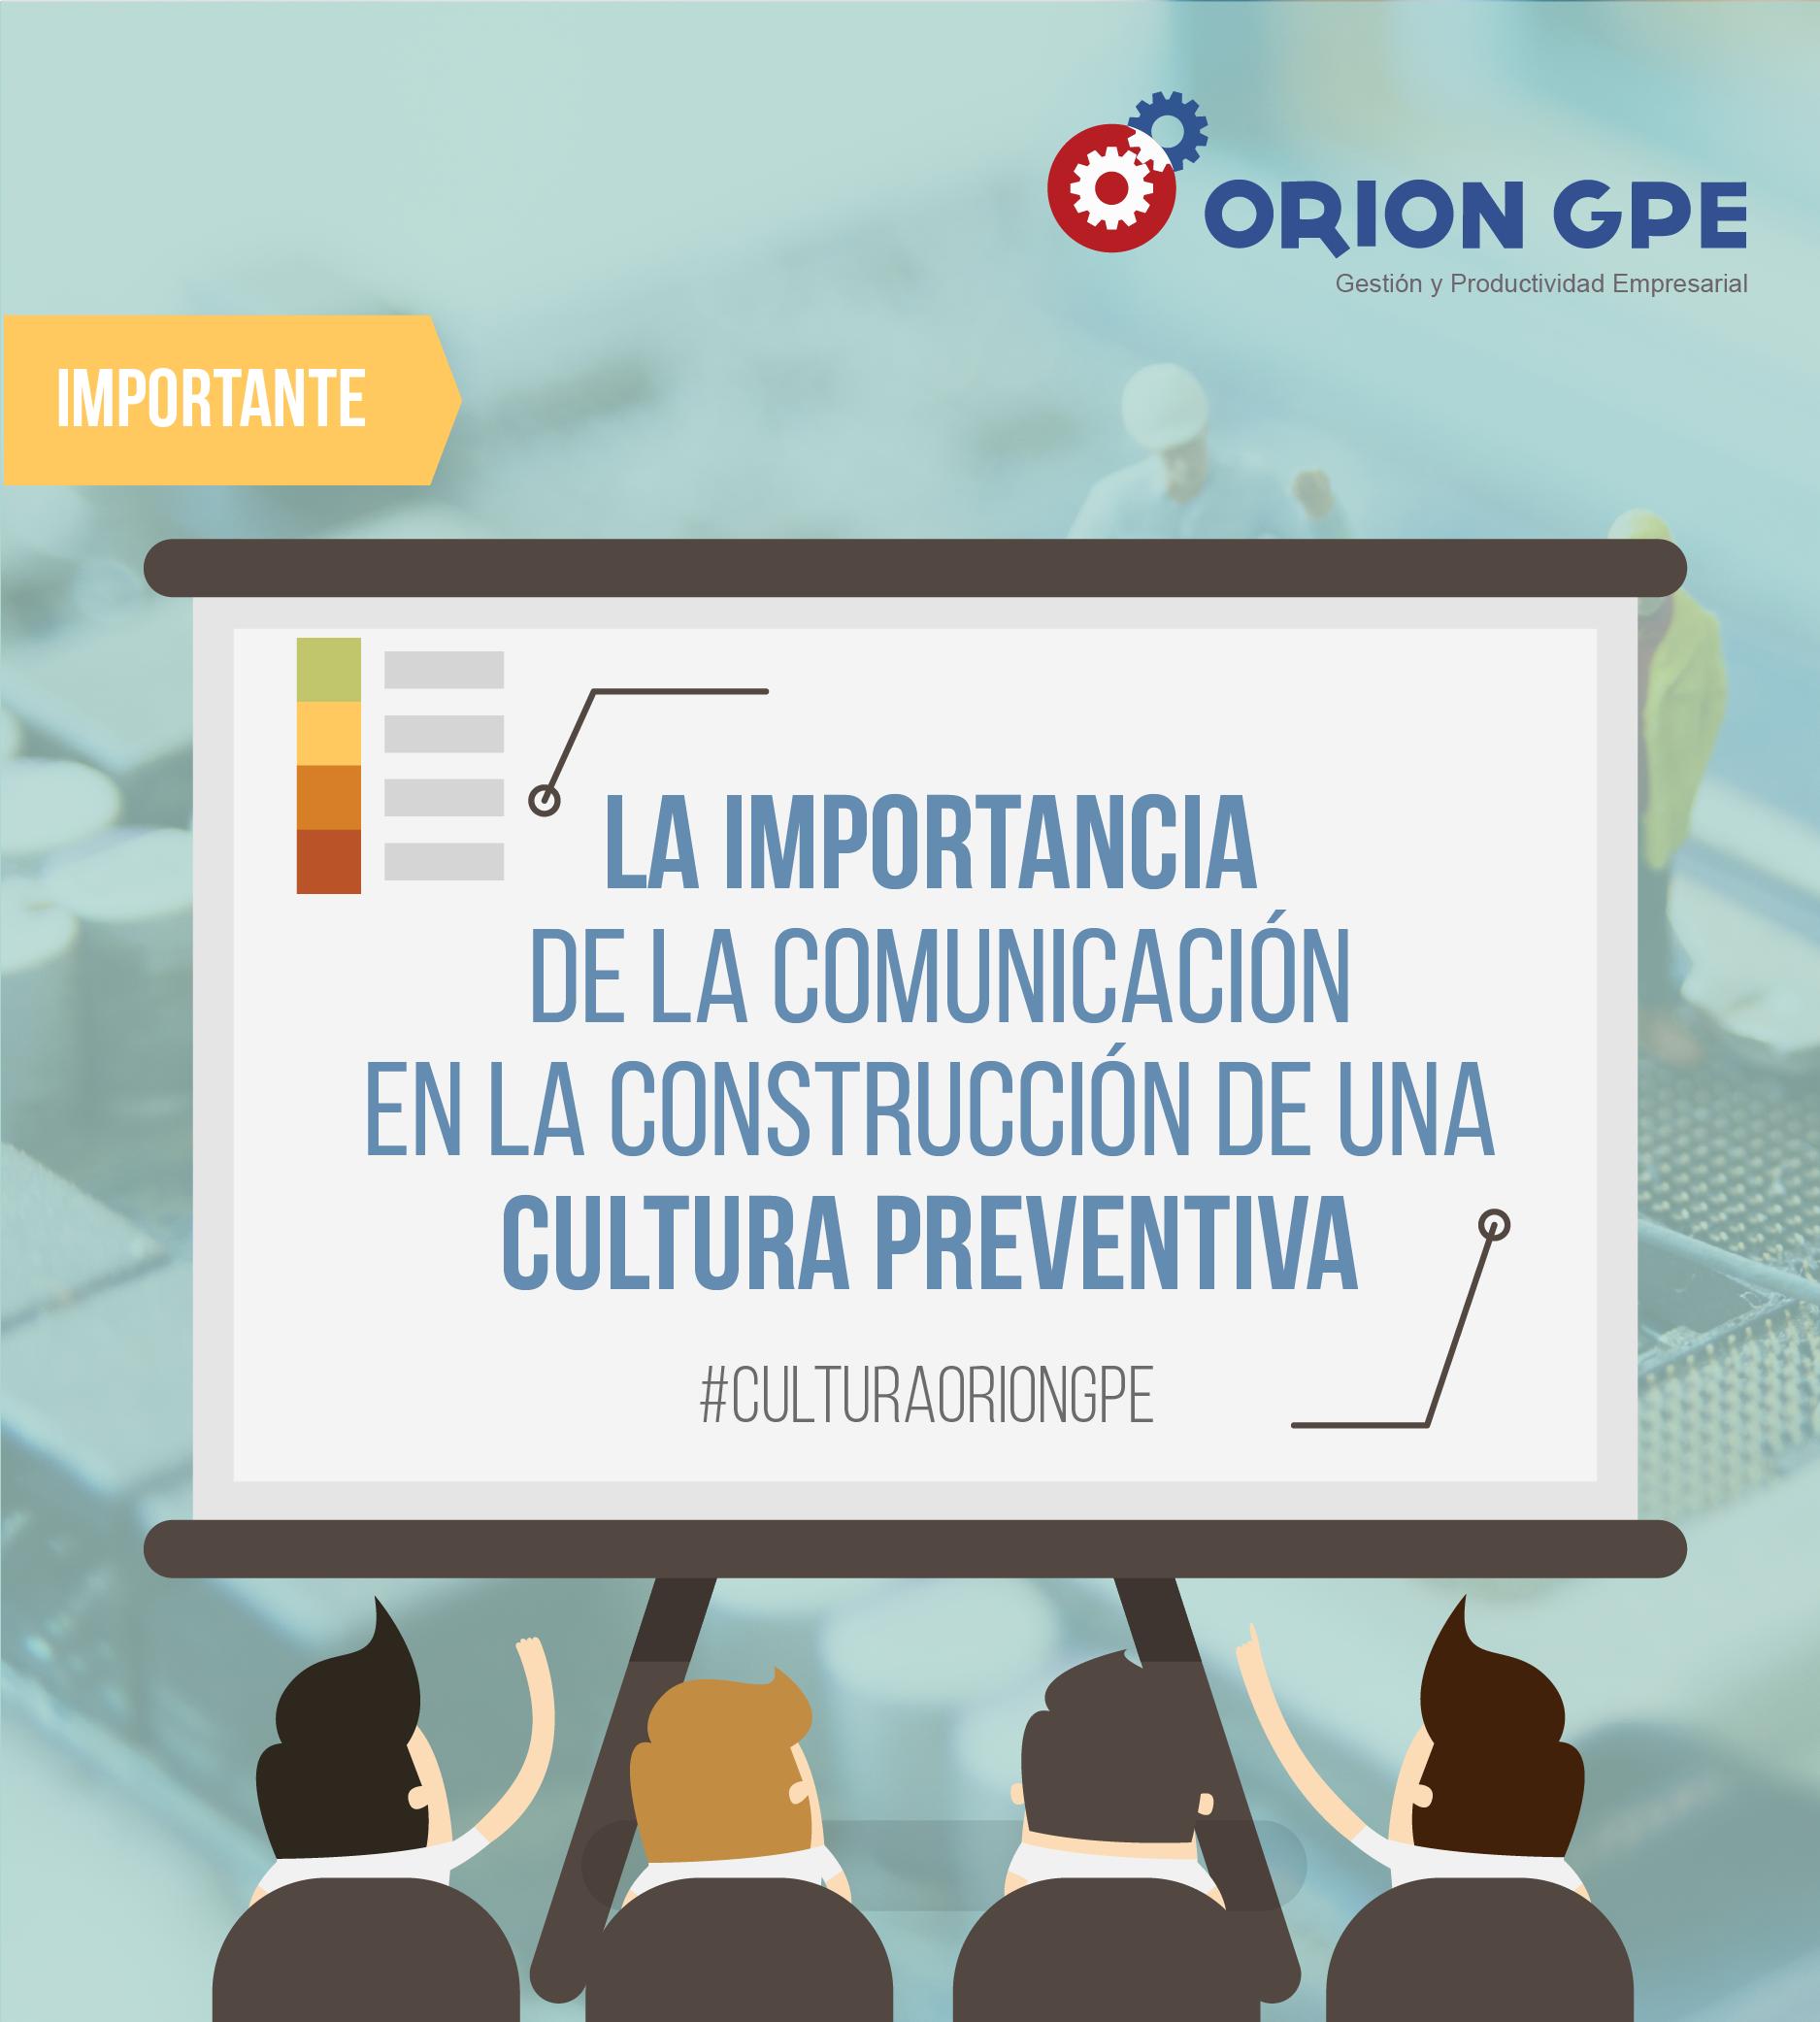 La importancia de la comunicación en la construcción de una cultura preventiva